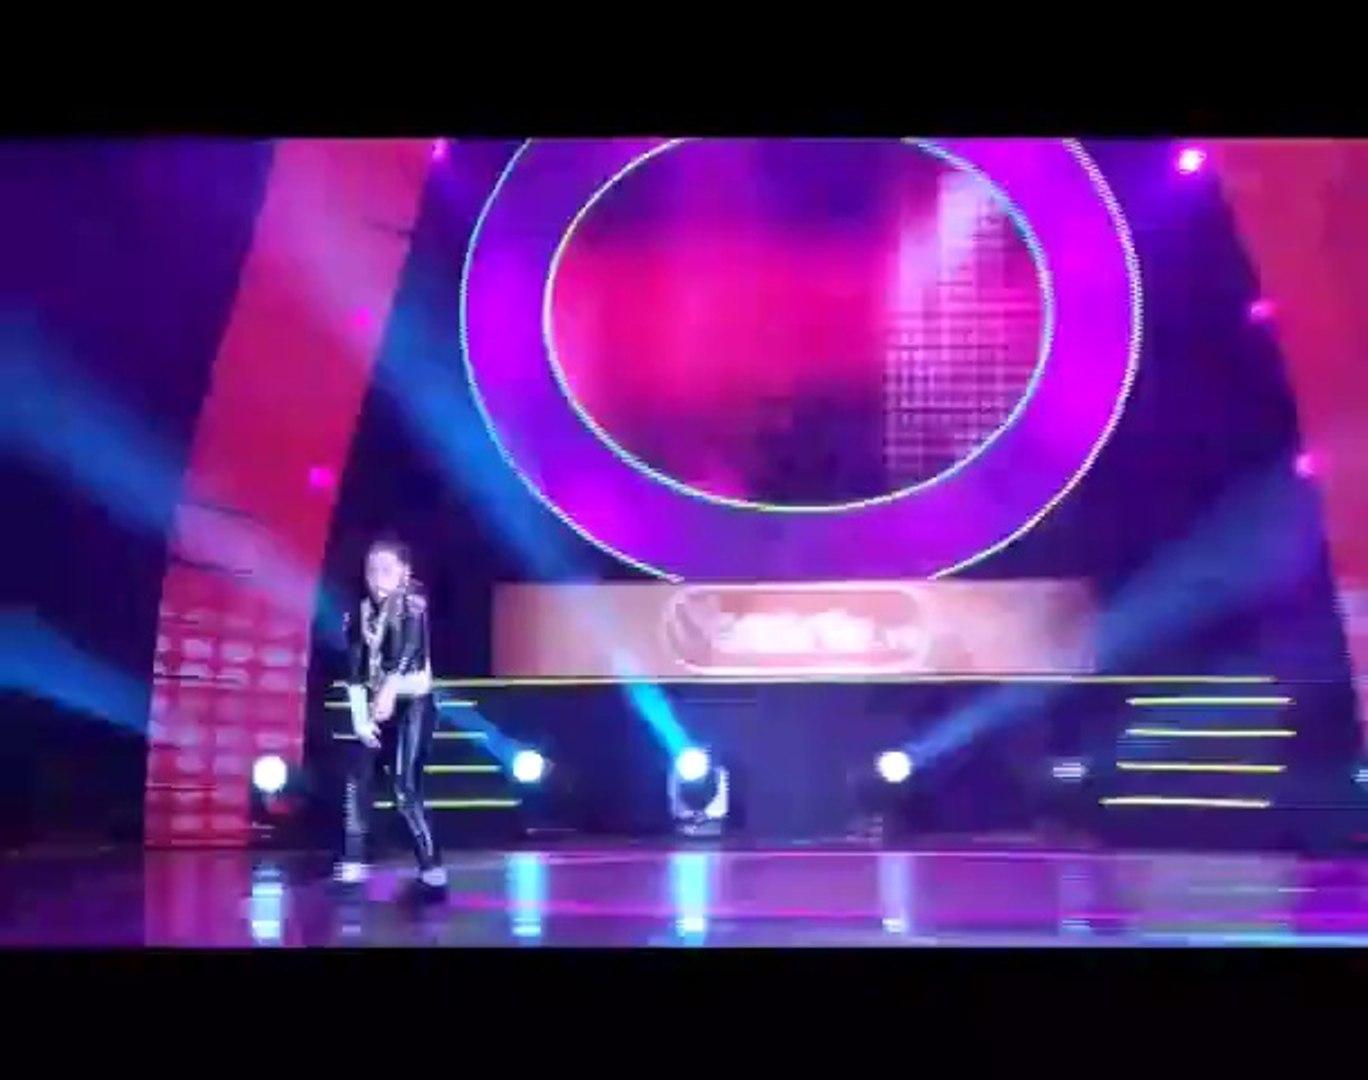 Nguyễn Đông Nghi Nhảy Cùng Âm Nhạc Và Bước Nhảy